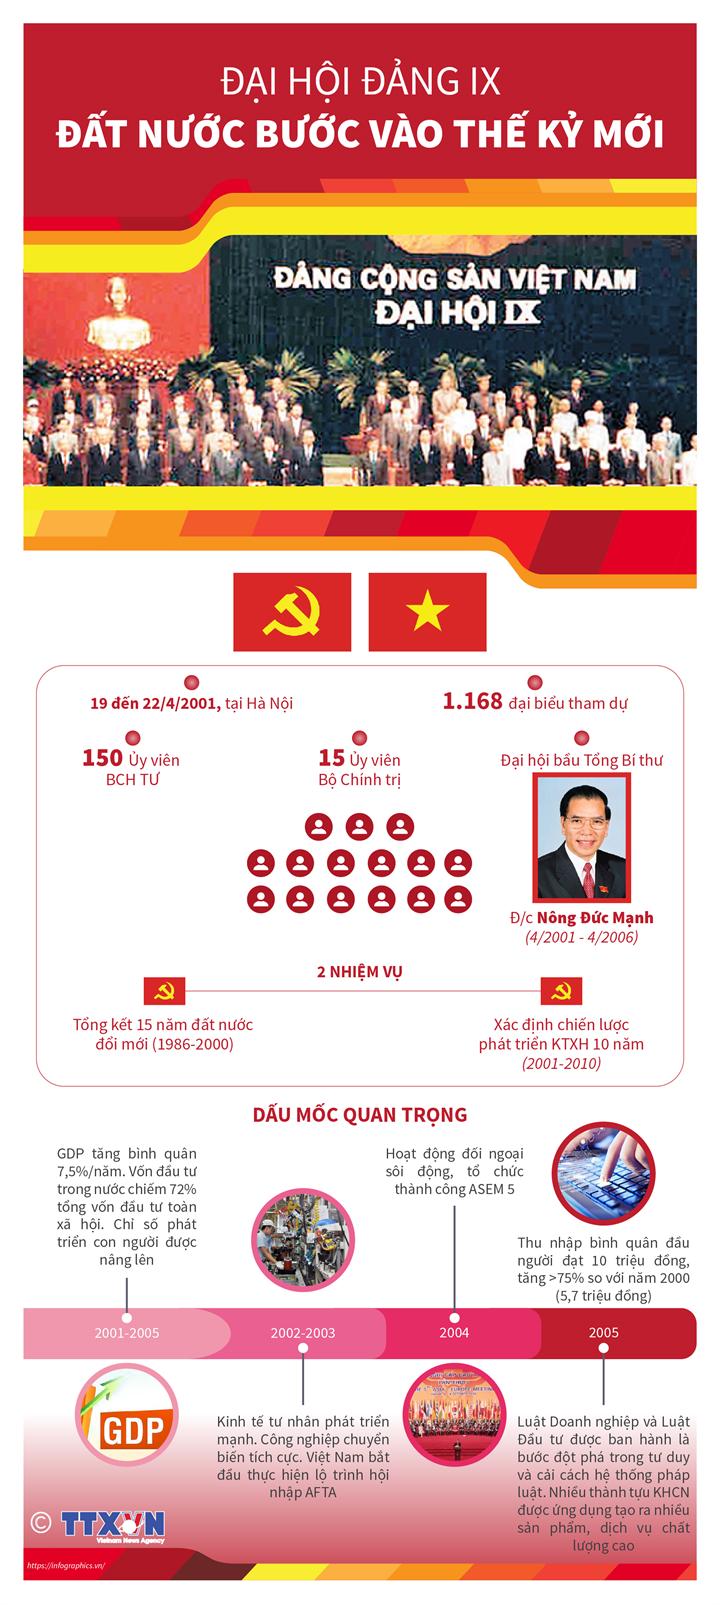 Đại hội Đảng IX: Đất nước bước vào thế kỷ mới